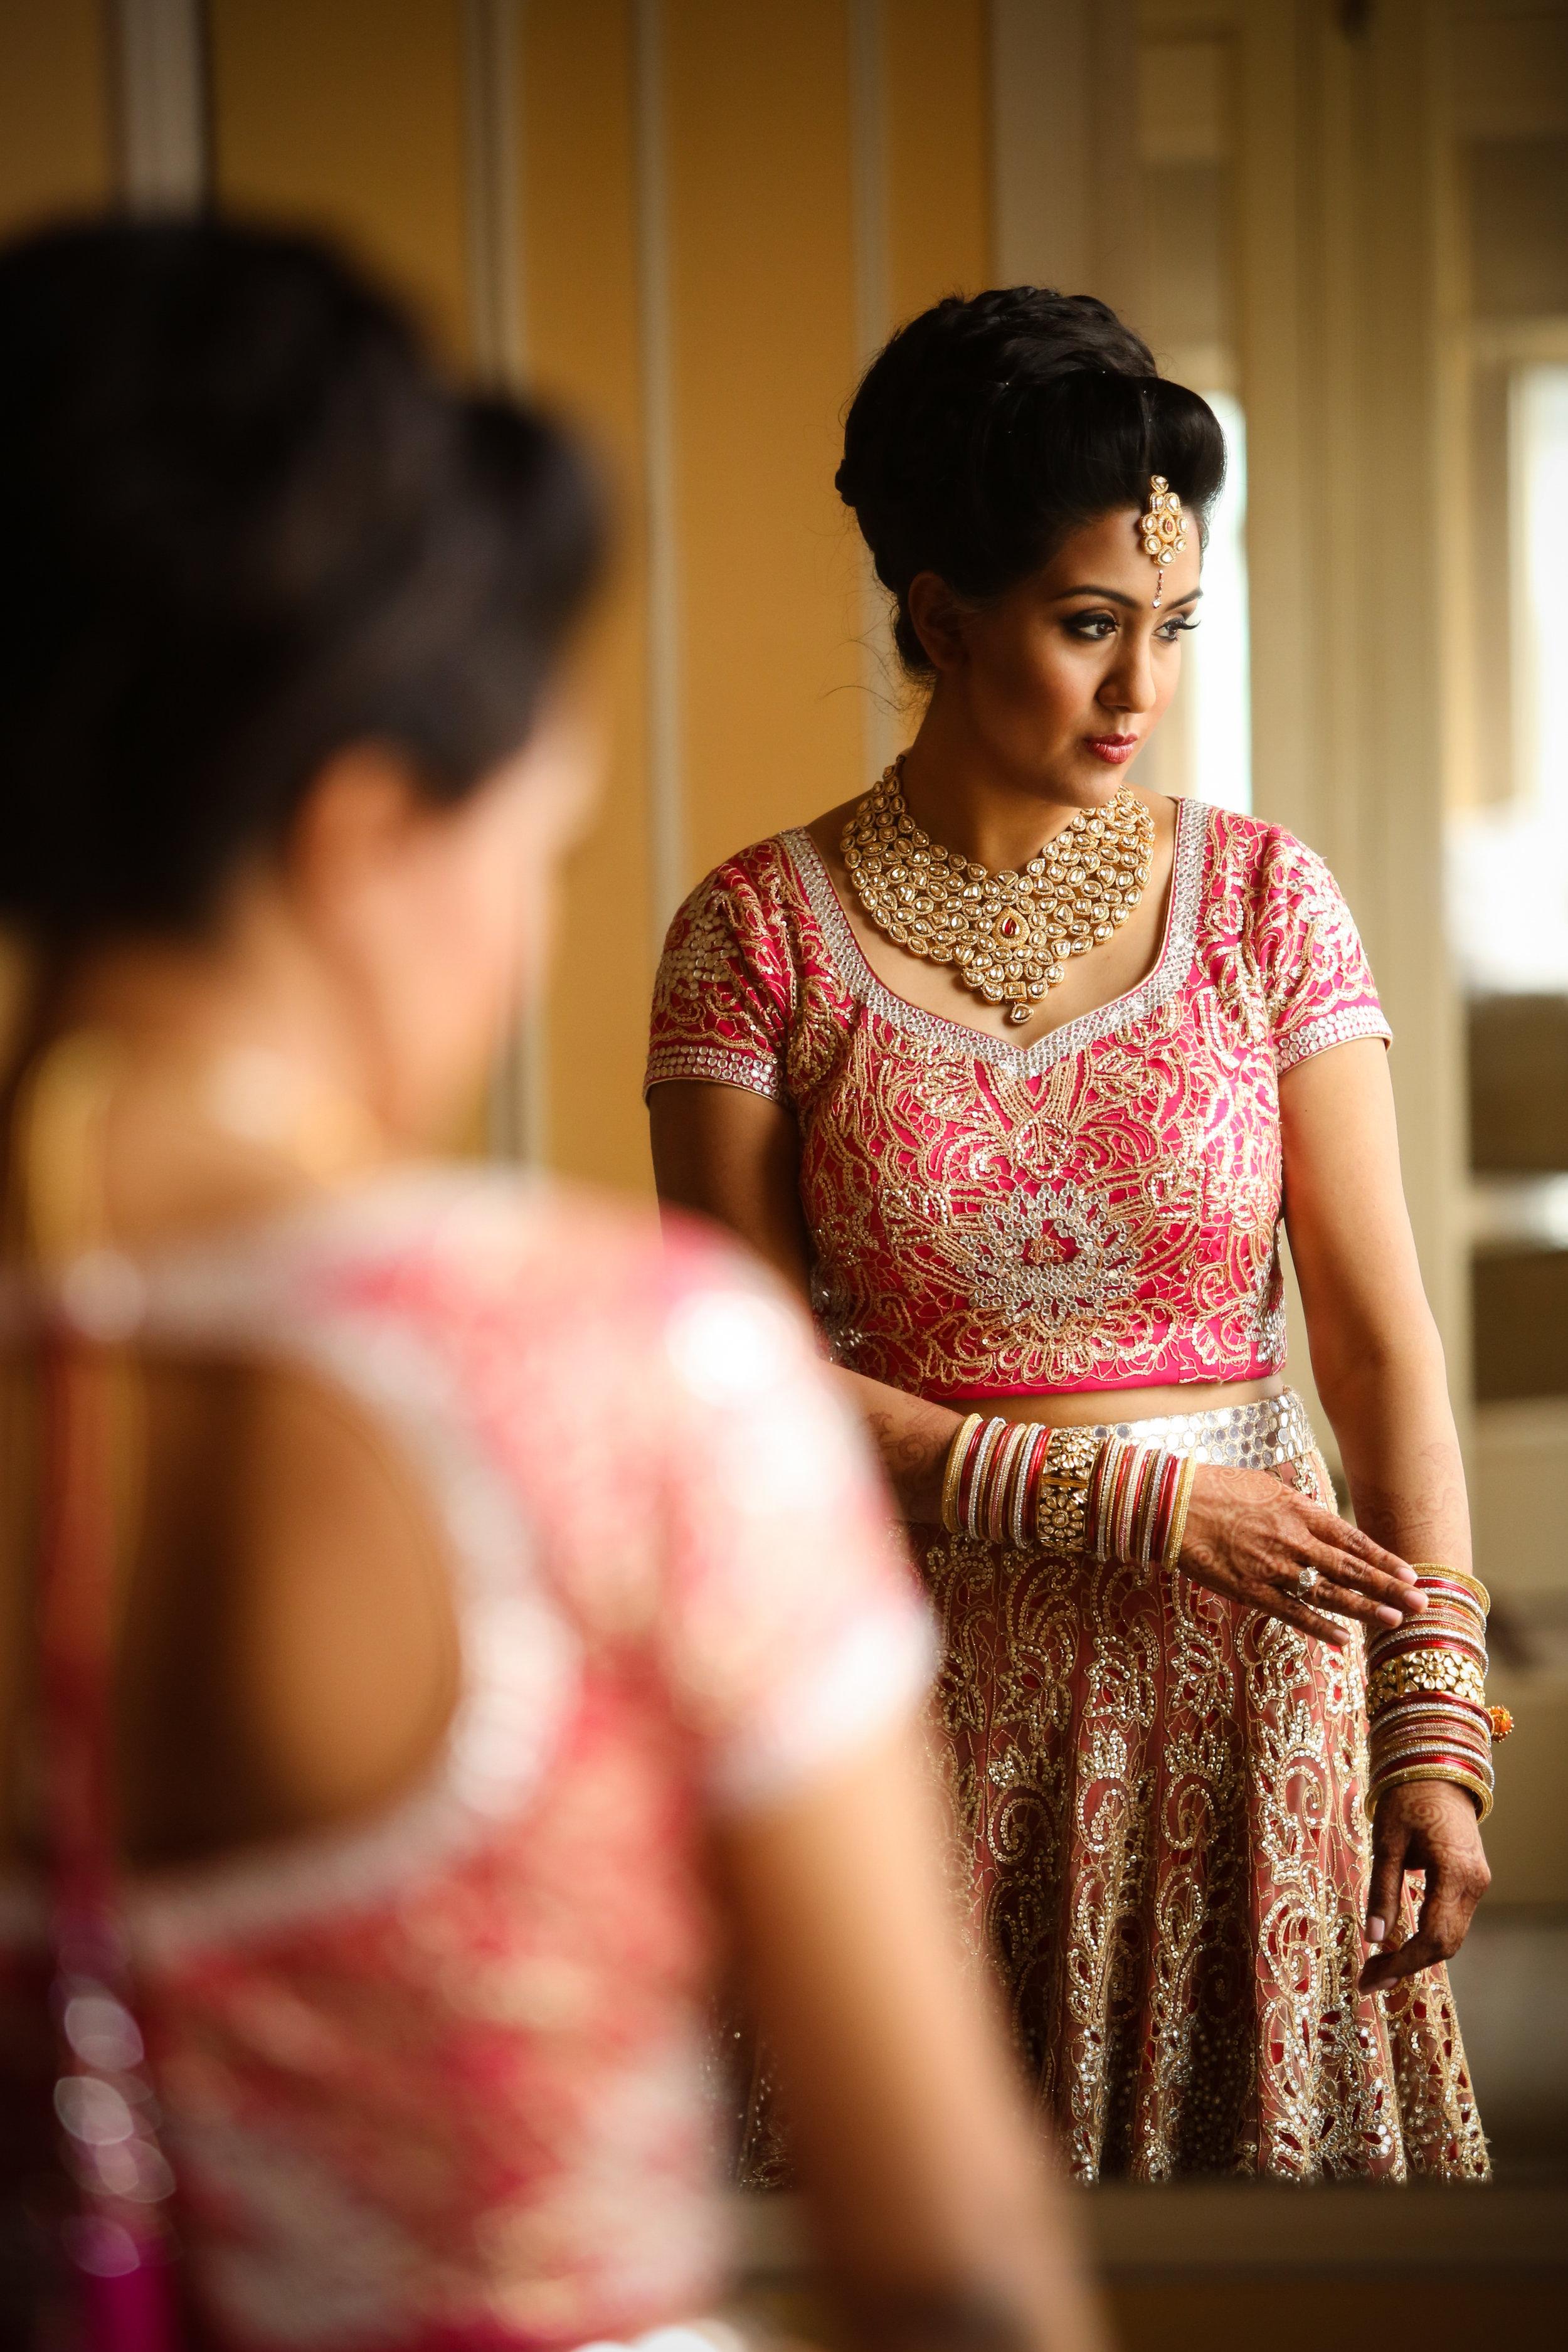 Indian bride in mirror